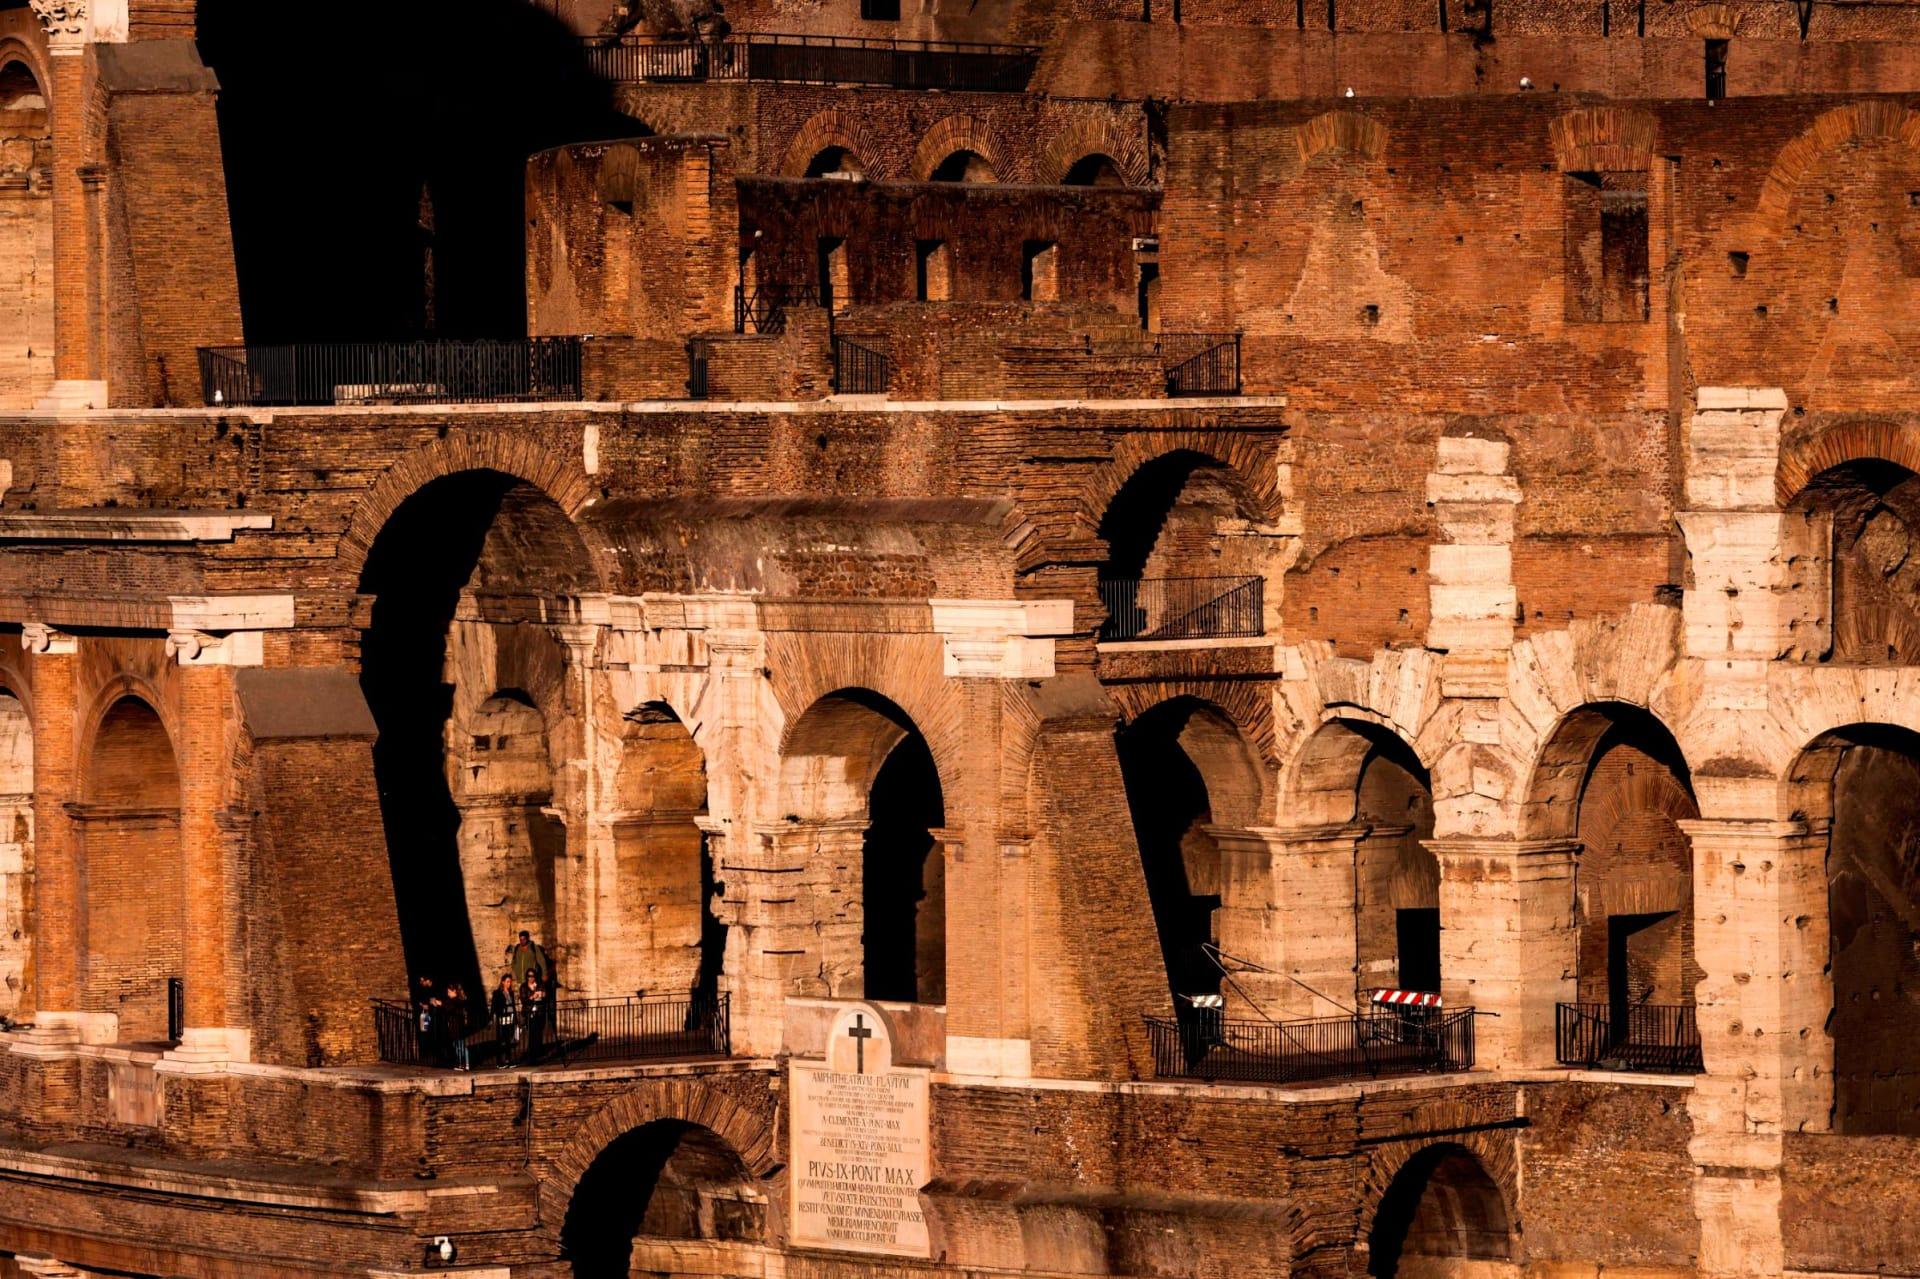 الكولوسيوم في مدينة روما الإيطالية